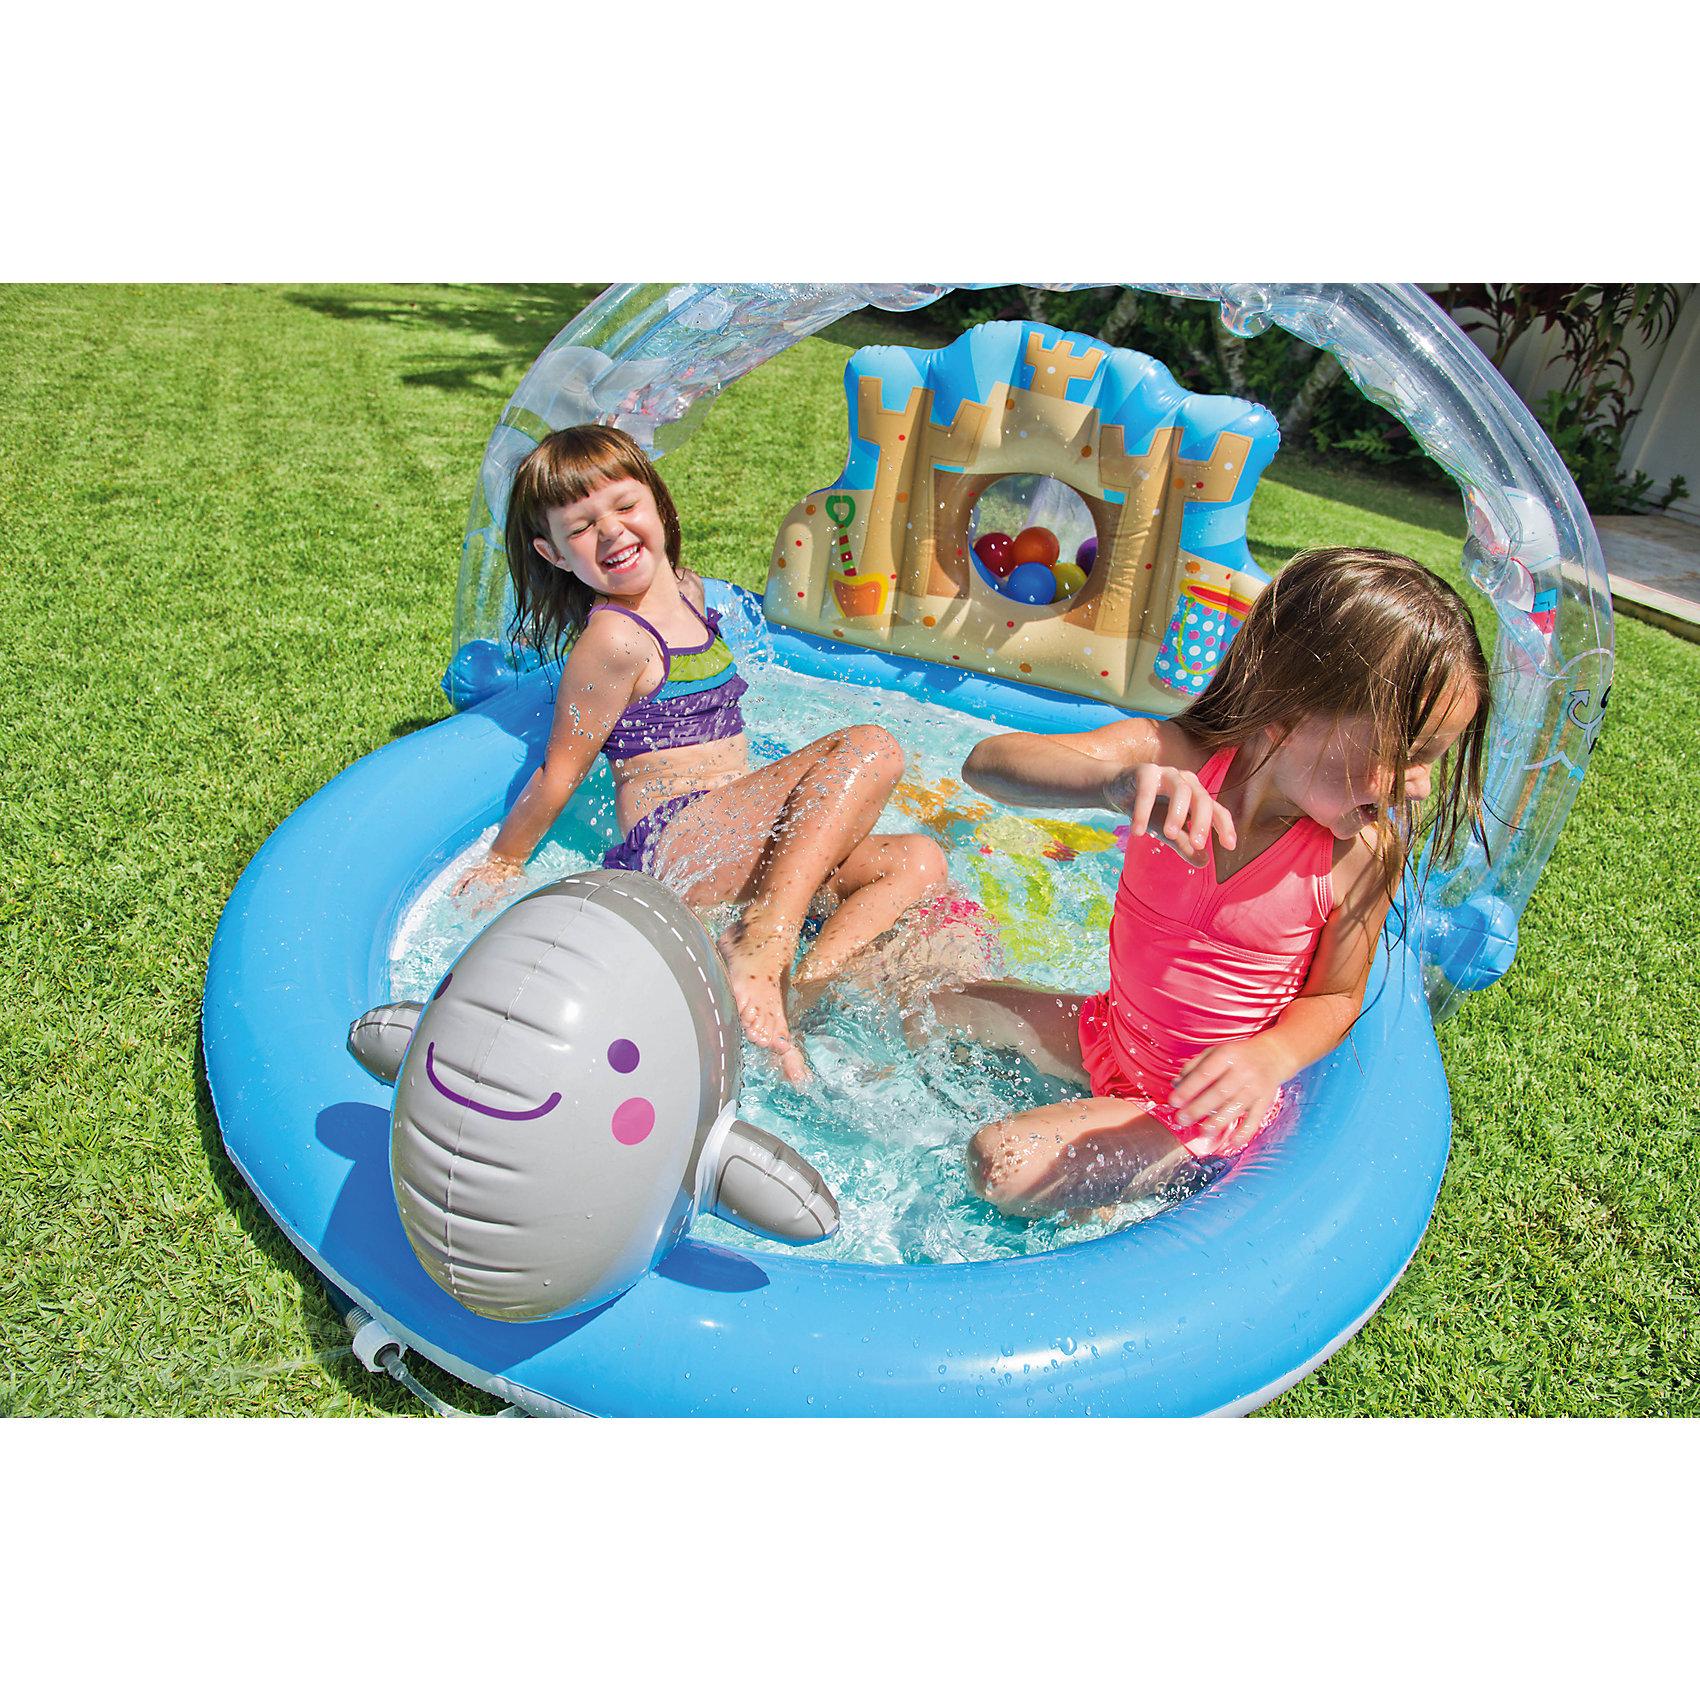 Детский надувной игровой центр На лужайке, IntexИгровые центры<br>Детский надувной игровой центр На лужайке, Intex (Интекс) может служить Вашим деткам прекрасным бассейном. Если одолевает жара или захотелось водных процедур, Вы можете создать свой маленький оазис, просто подключив садовый шланг к распылителю-радуге. В задней высокой стенке бассейна сделана маленькая пещера, где детки могут прятать свои игрушки.<br><br>Дополнительная информация:<br><br>- В комплекте: детский надувной игровой центр На лужайке Интекс, 6 разноцветным шариков <br>- Размер: 155 x 130 x 84 см<br>- Объем бассейна 123 л. при 80 % наполнении.<br>- Высота бортиков 11 см.<br>- Вес в упаковке: 4,5 кг.<br><br>Детский надувной игровой центр На лужайке, Intex (Интекс) можно купить в нашем интернет-магазине.<br><br>Ширина мм: 325<br>Глубина мм: 335<br>Высота мм: 391<br>Вес г: 7713<br>Возраст от месяцев: 36<br>Возраст до месяцев: 1164<br>Пол: Унисекс<br>Возраст: Детский<br>SKU: 2535132